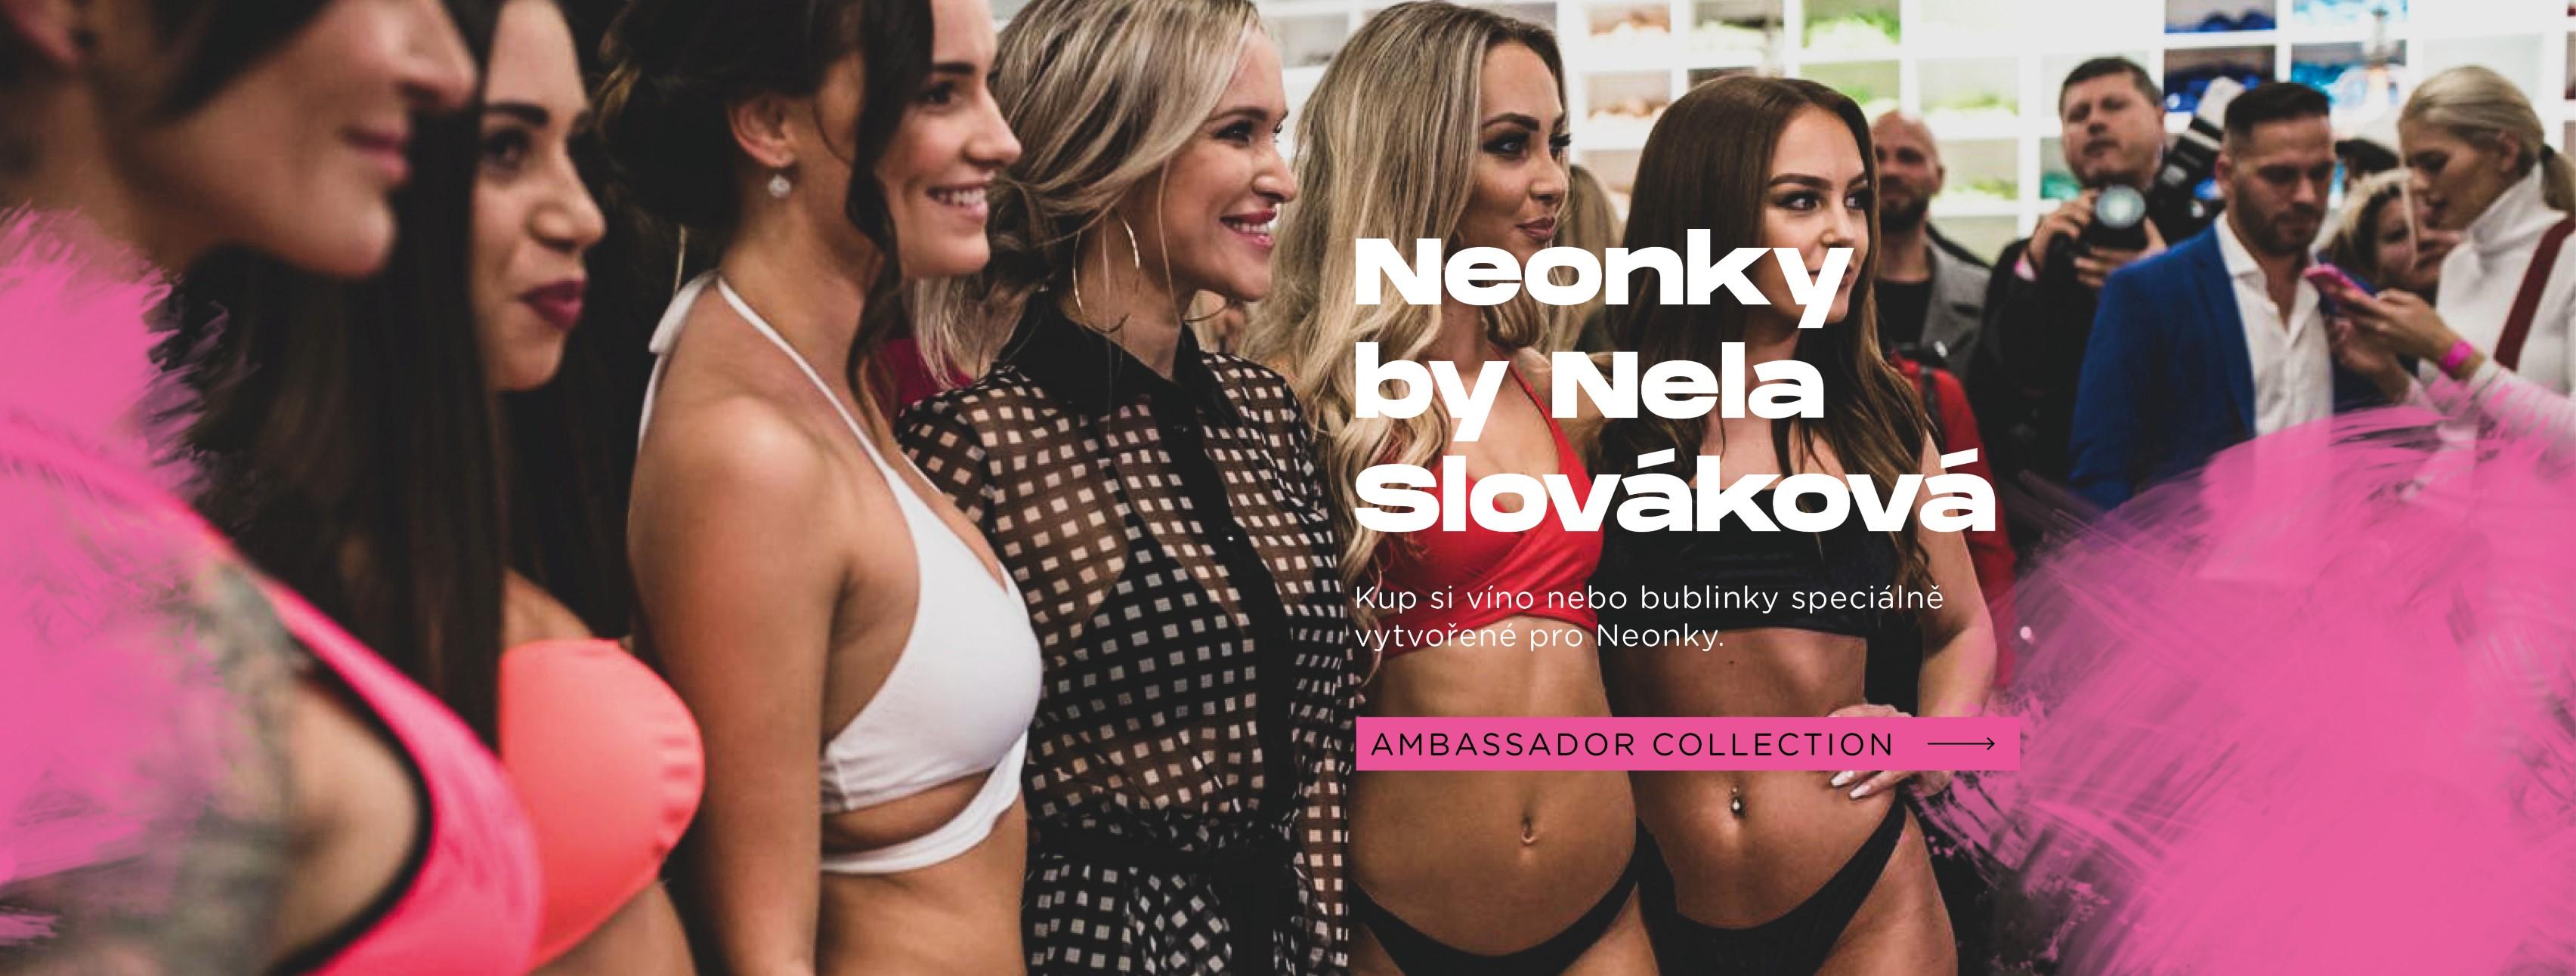 Neonky by Nela Slováková